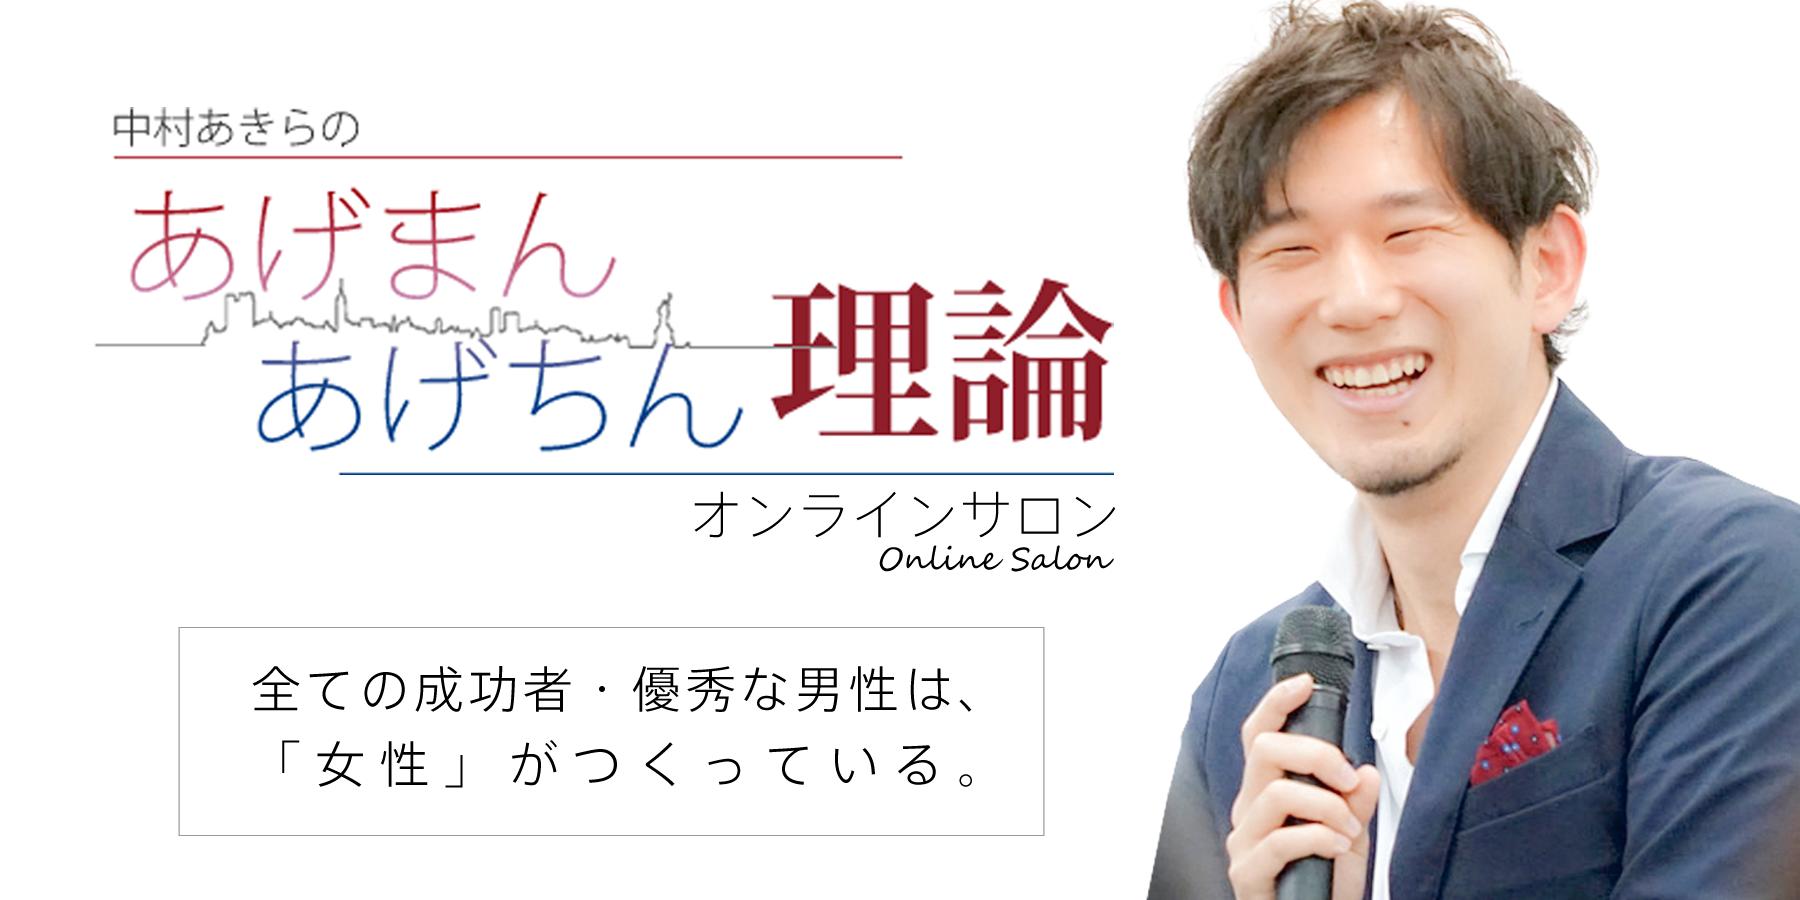 中村あきらの「あげまん・あげちん理論」オンラインサロン